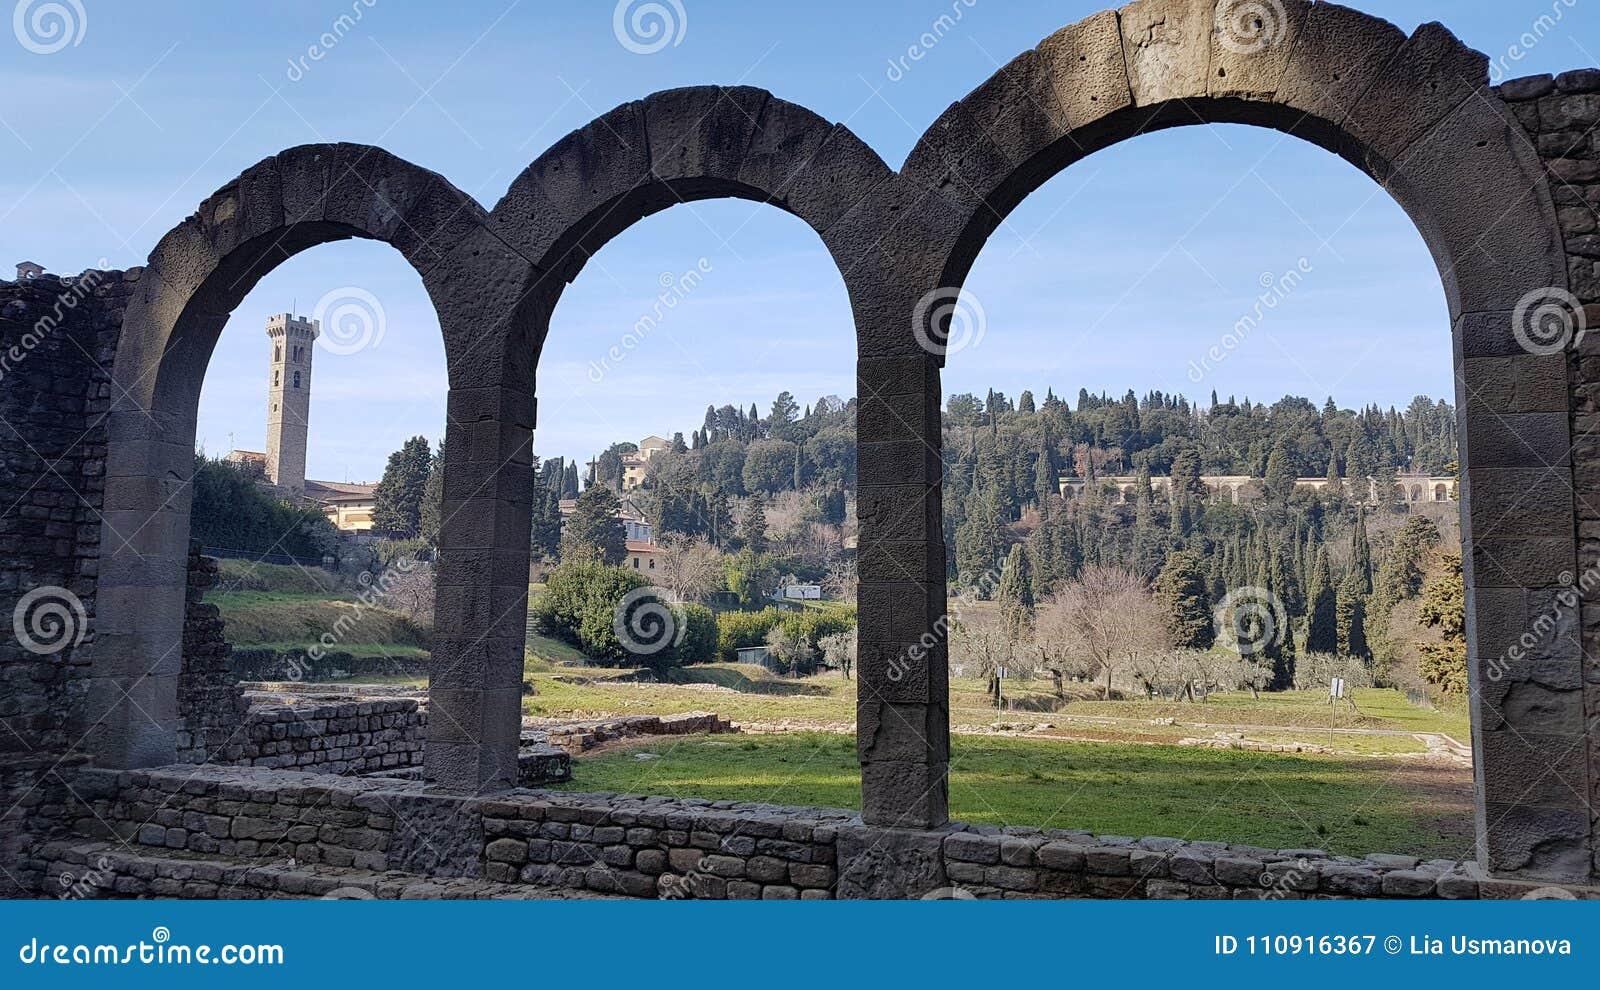 Ruin in Fiesole near Florence